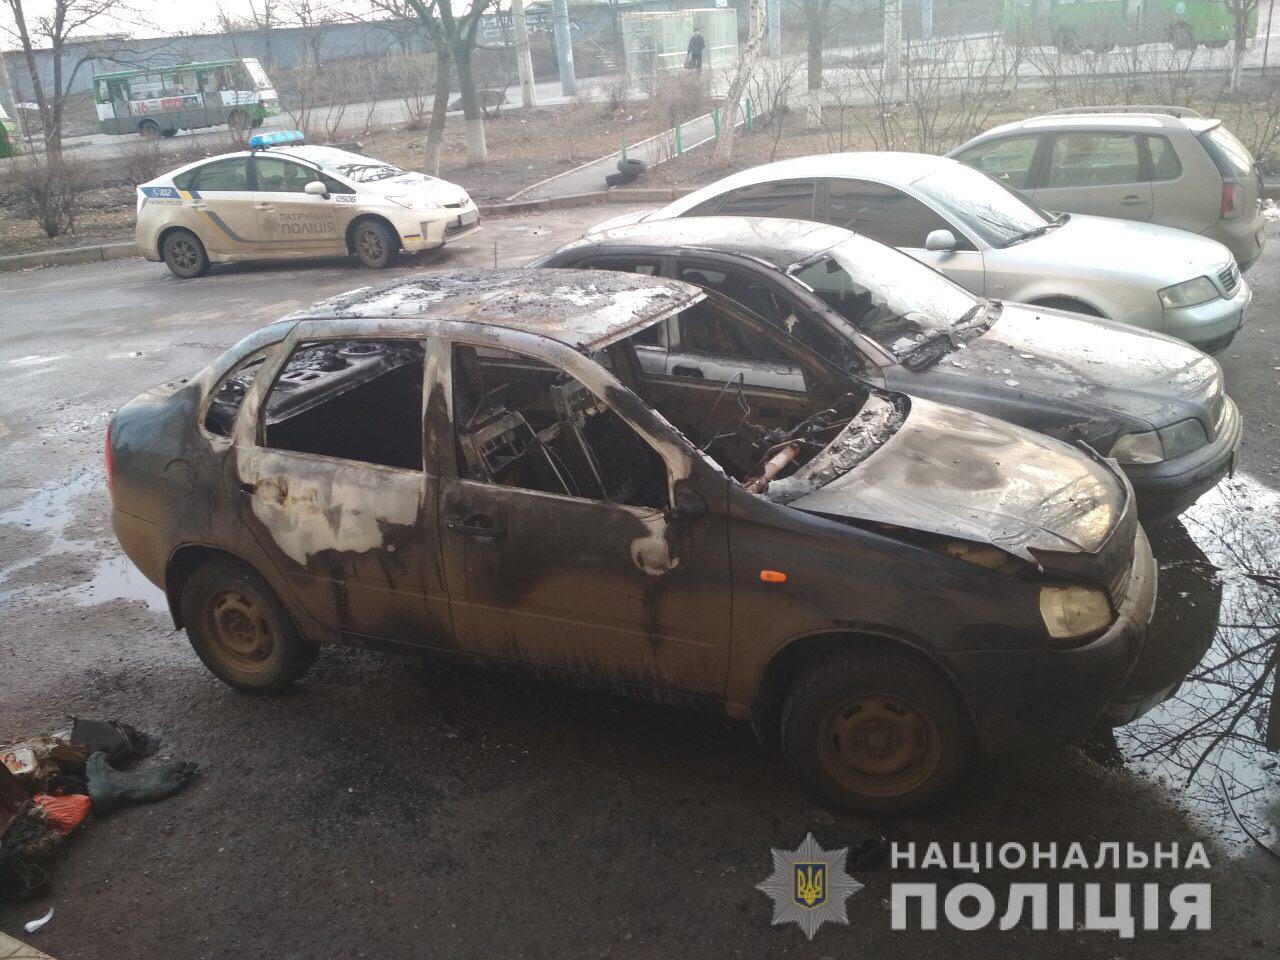 За сутки на Харьковщине подожгли несколько автомобилей